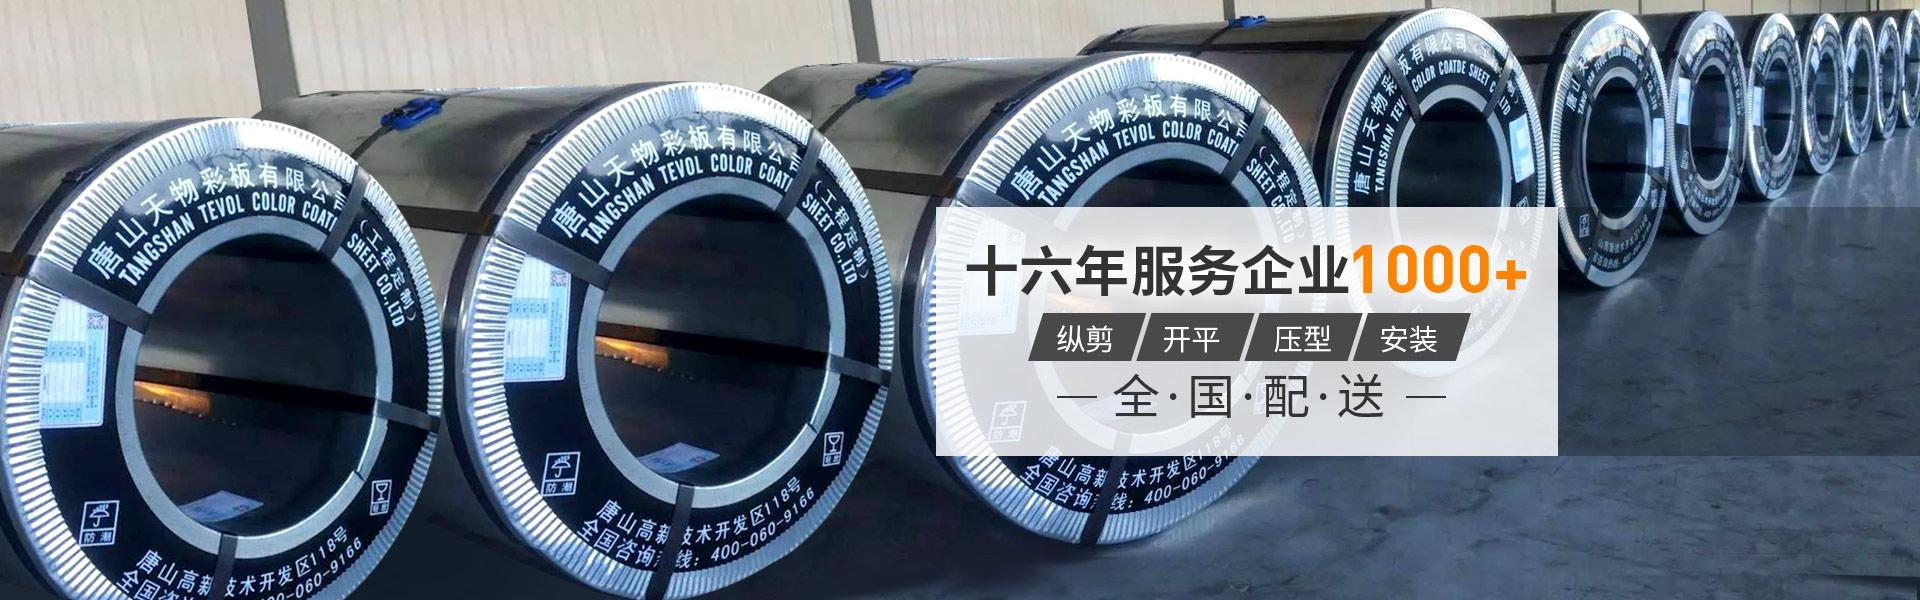 唐山彩涂板厂家:十六年服务企业1000+